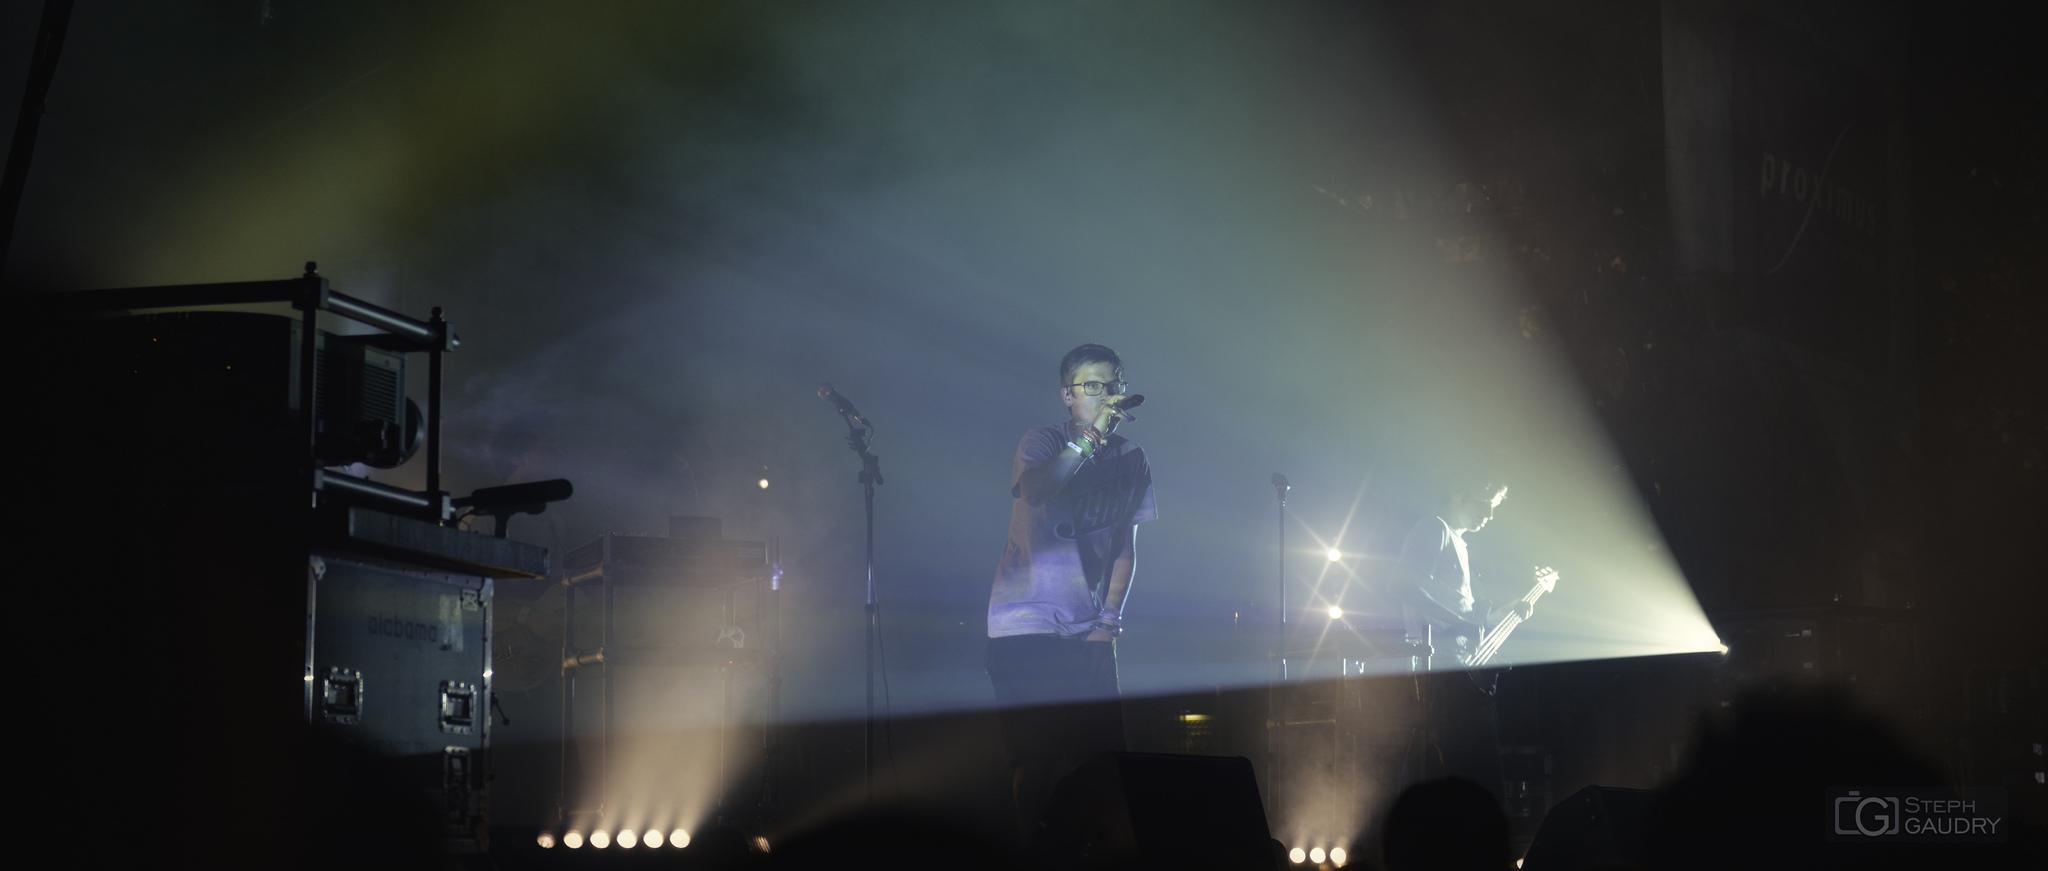 Fauve en concert aux Francofolies de Spa - 2 [Click to start slideshow]